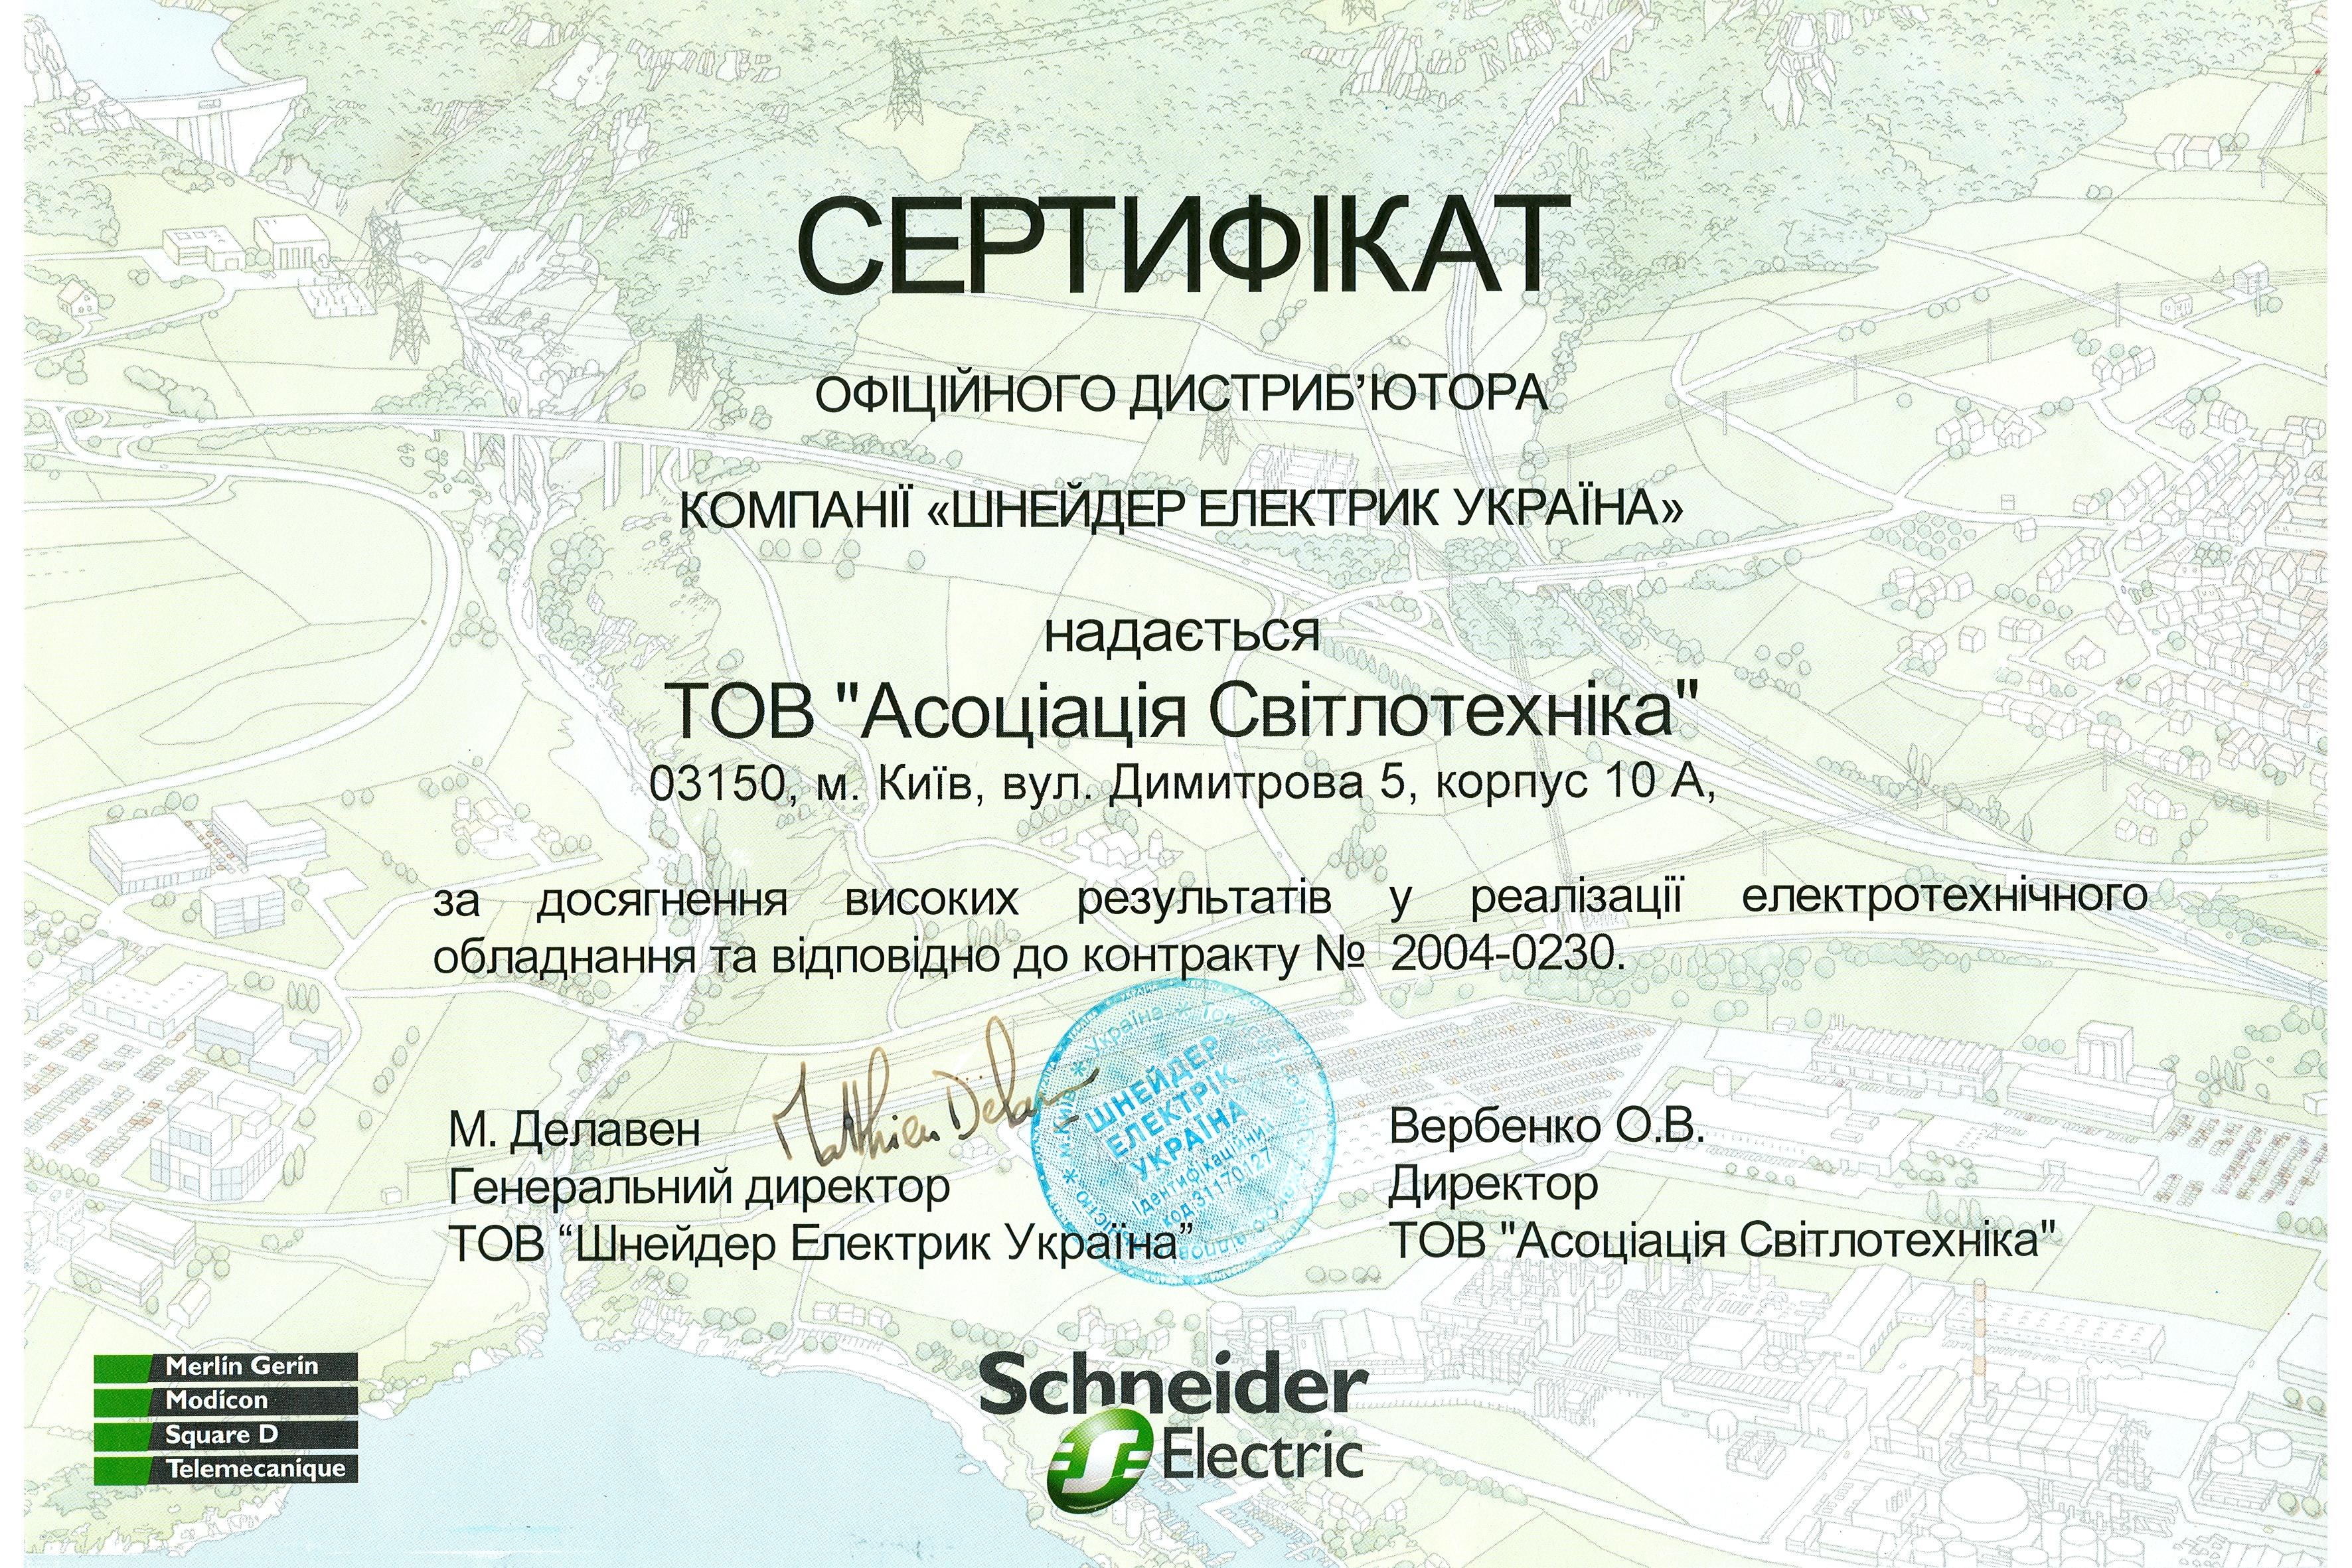 Сертифікат офіційного дистриб'ютора компанії Шнейдер Електрик Україна надано компанії Світлотехніка за досягнення високих результатів у реалізації електротехнічного обладнання Schneider Electric в Україні